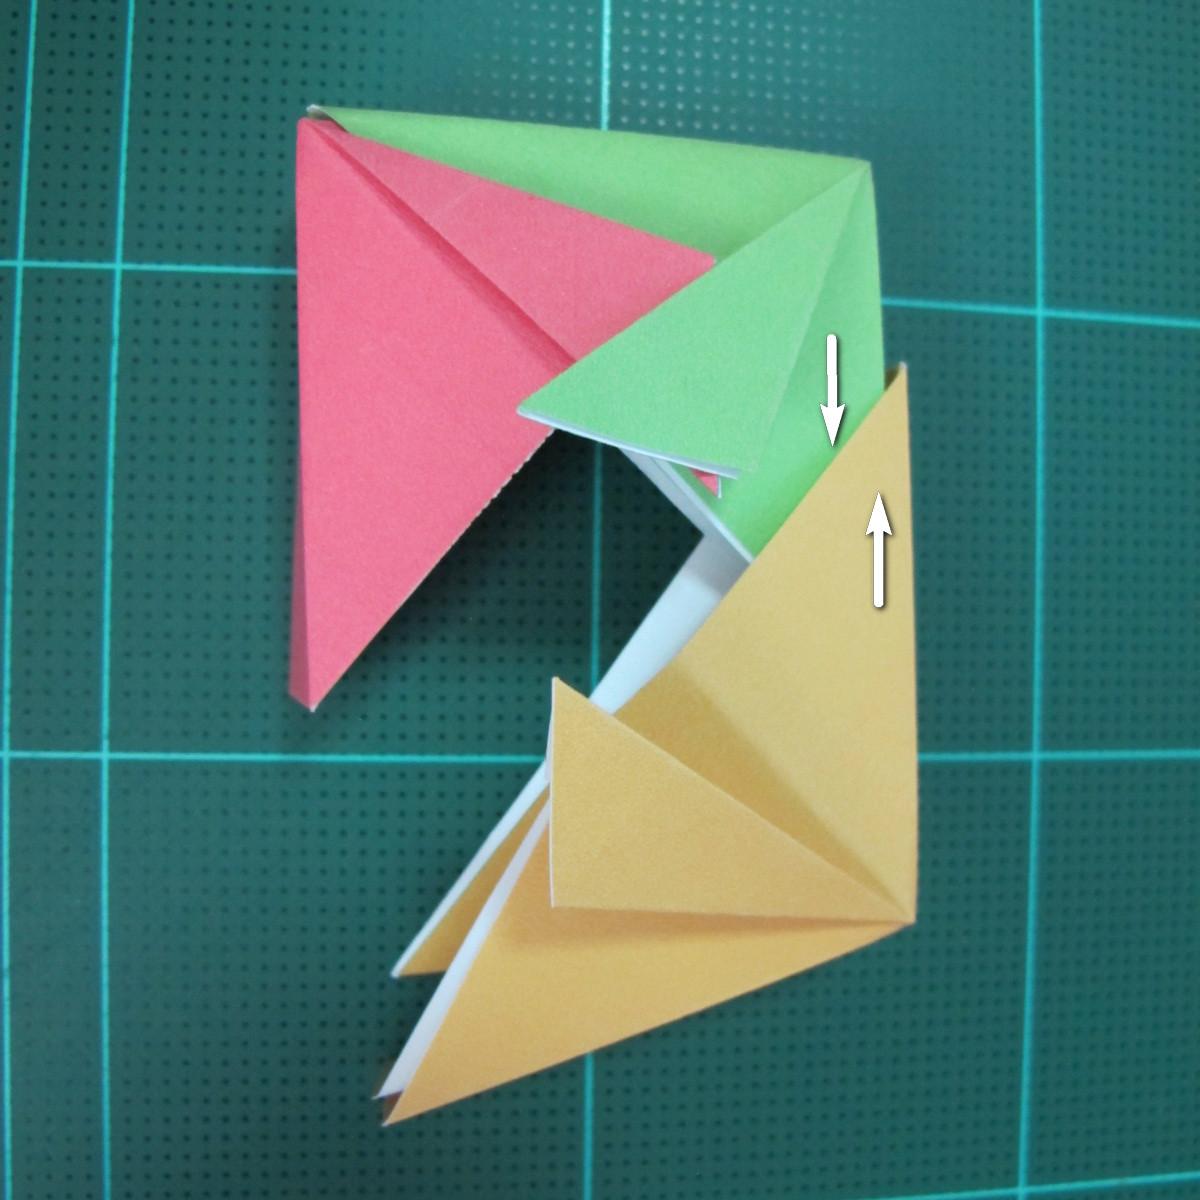 วิธีพับกล่องของขวัญแบบโมดูล่า (Modular Origami Decorative Box) โดย Tomoko Fuse 029